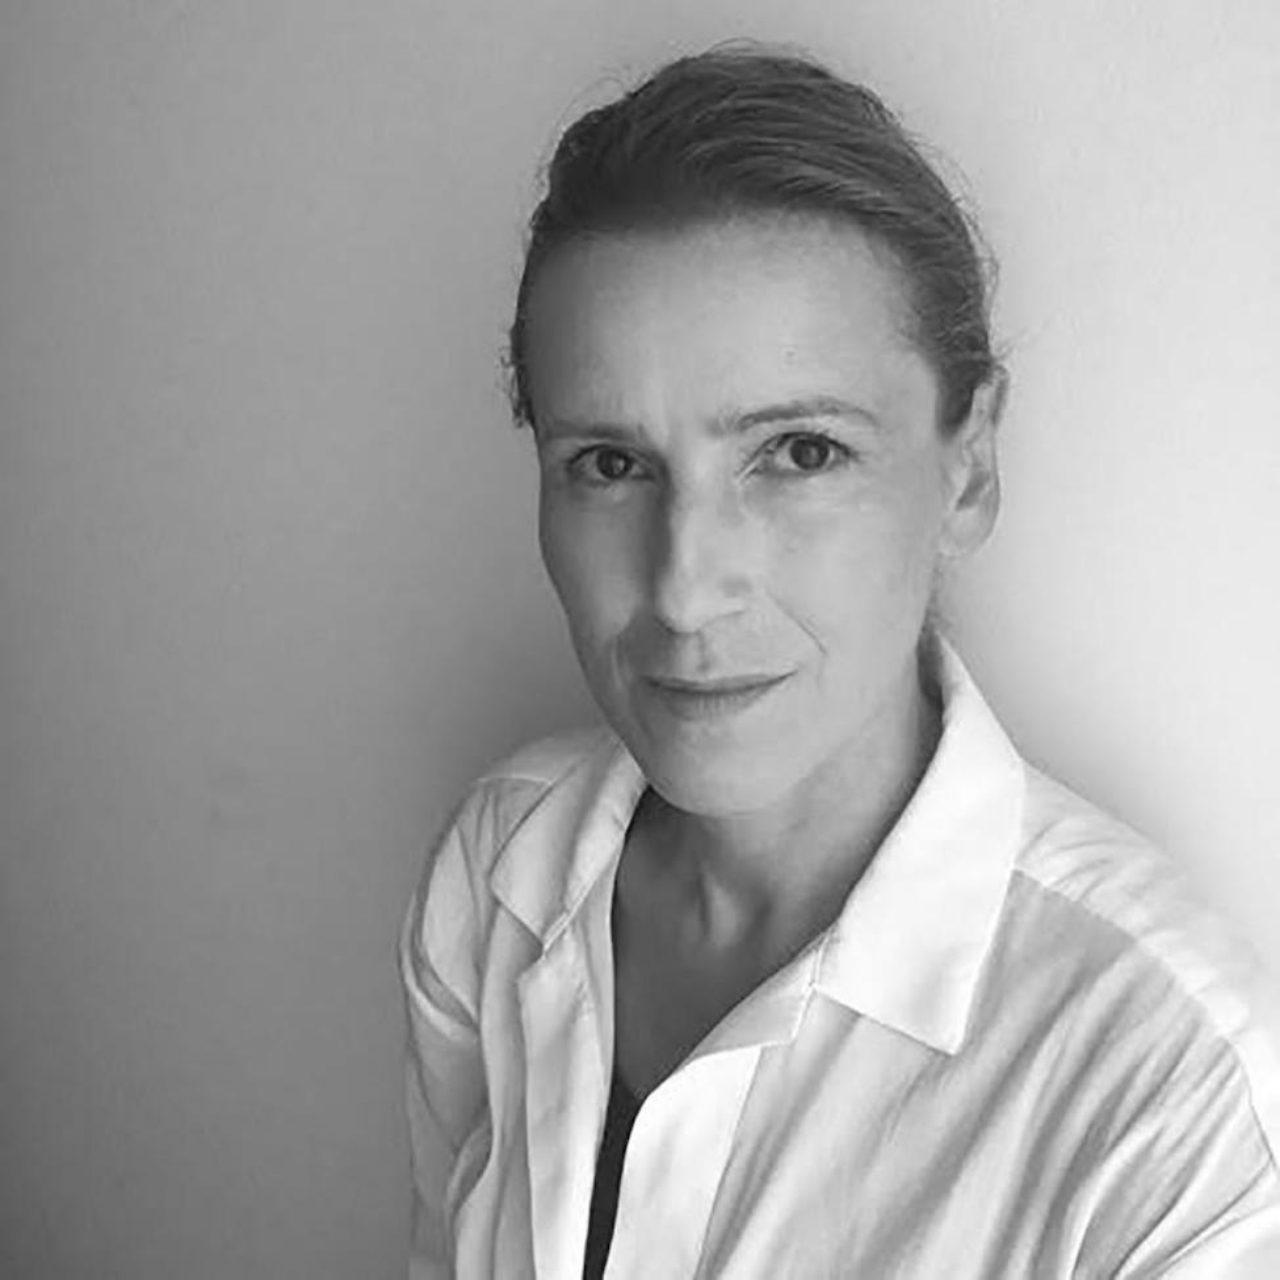 Delphine Bedel portrait photo